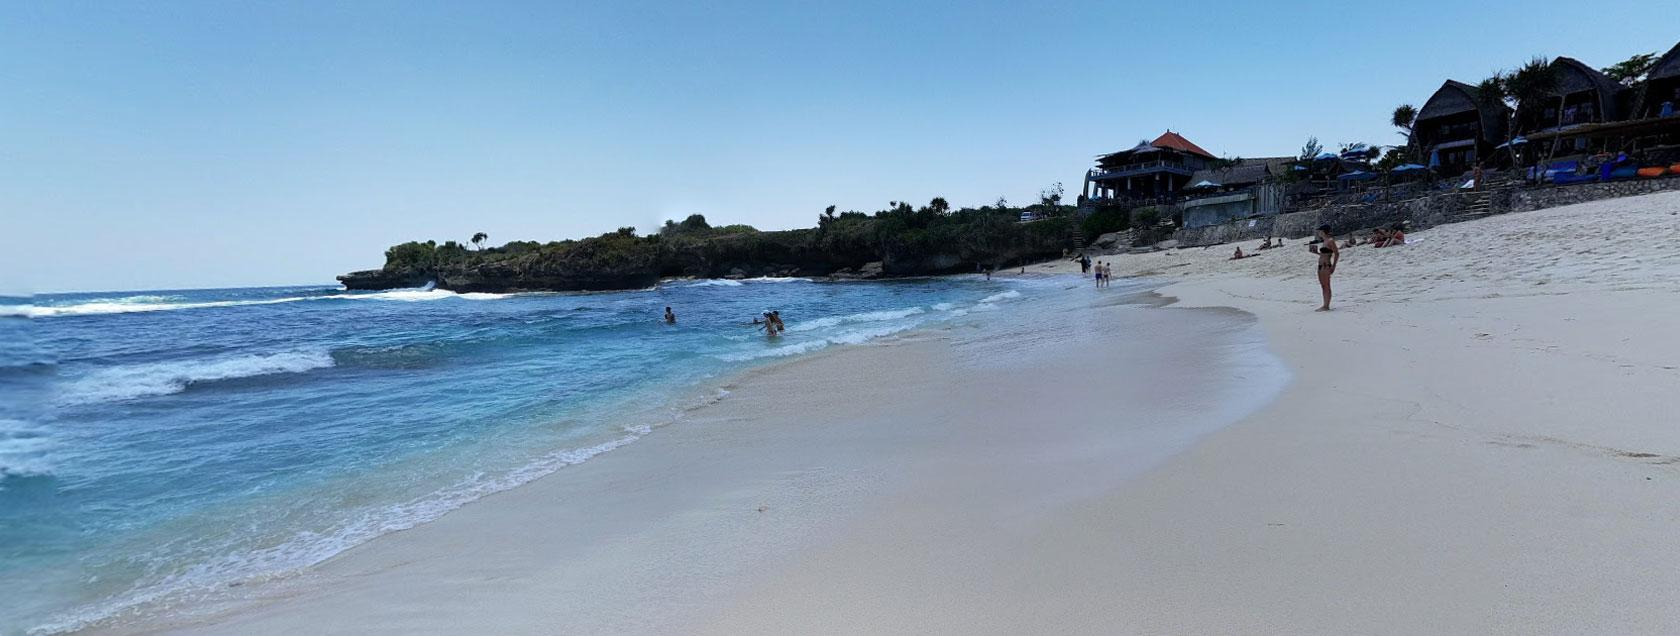 Dream Beach - Lembongan Beach